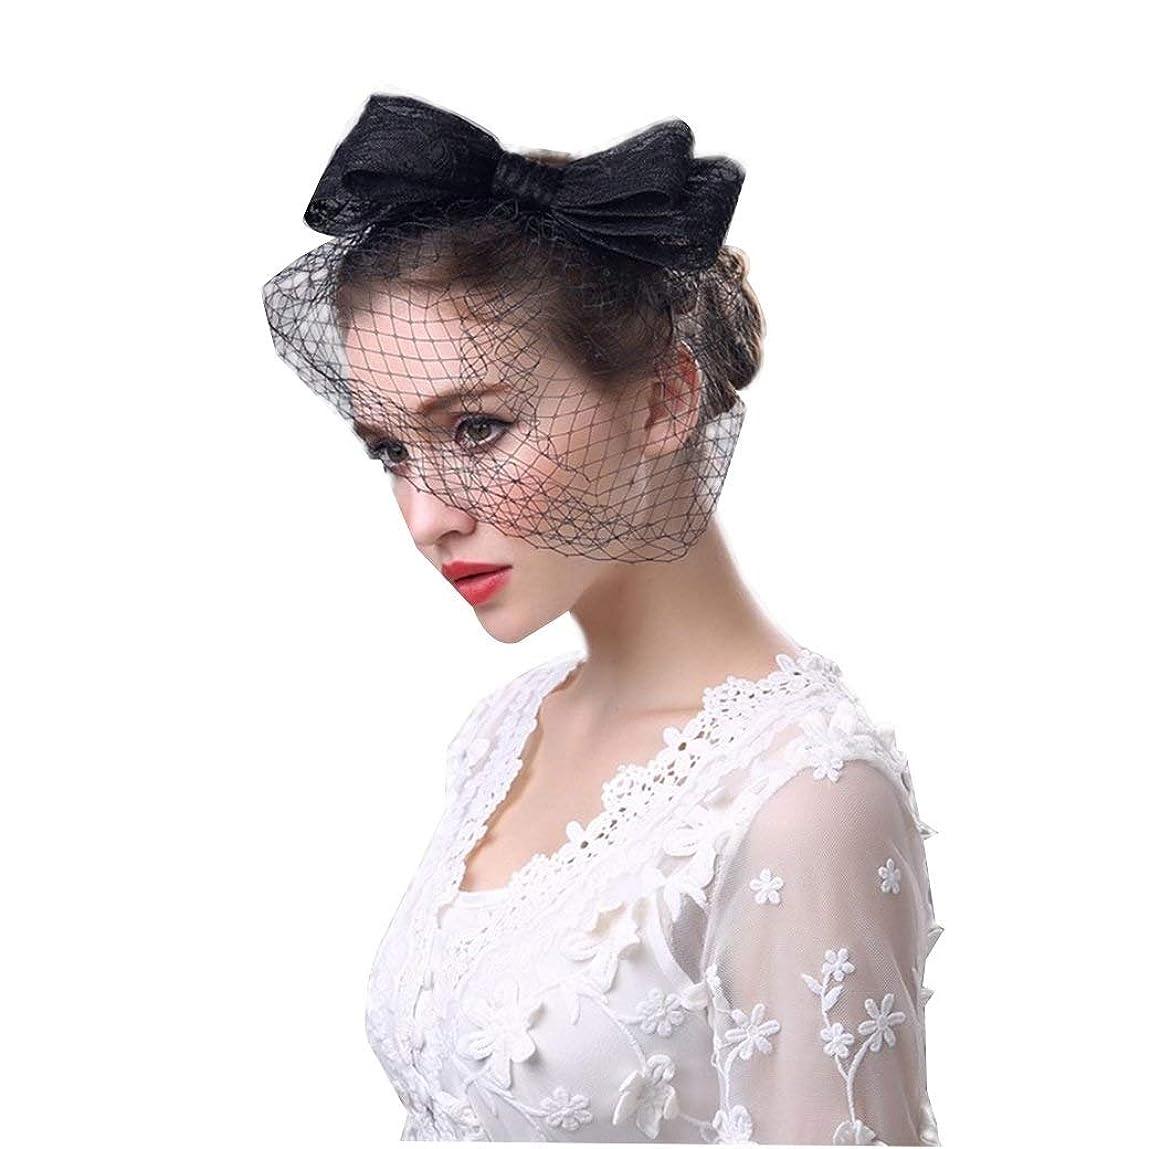 ポジション慣れる必需品ブライダルヘッドドレス、弓帽子ヴィンテージヘッドドレス手作りイギリスファッションレディースリネン帽子フラワーフェザーメッシュベールウェディングティーパーティー